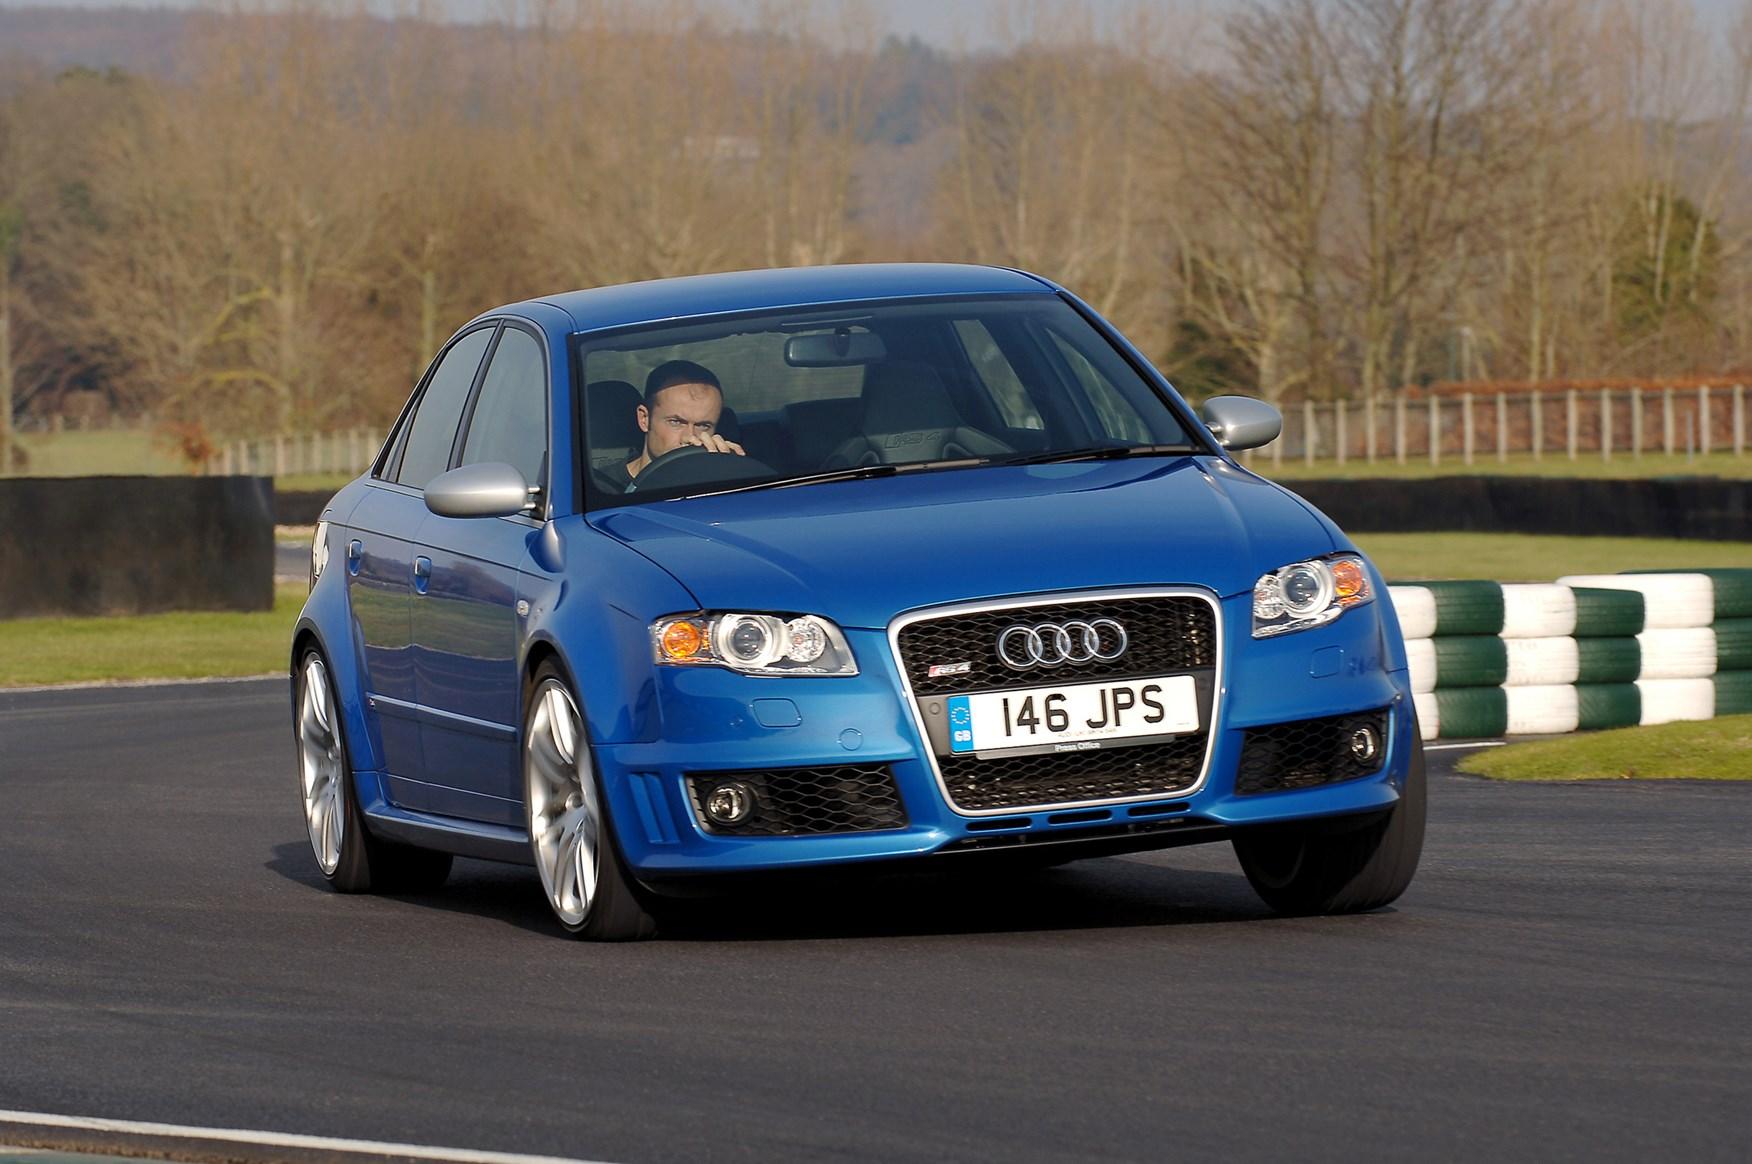 Audi A4 RS4 (2005 - 2008) Photos | Parkers